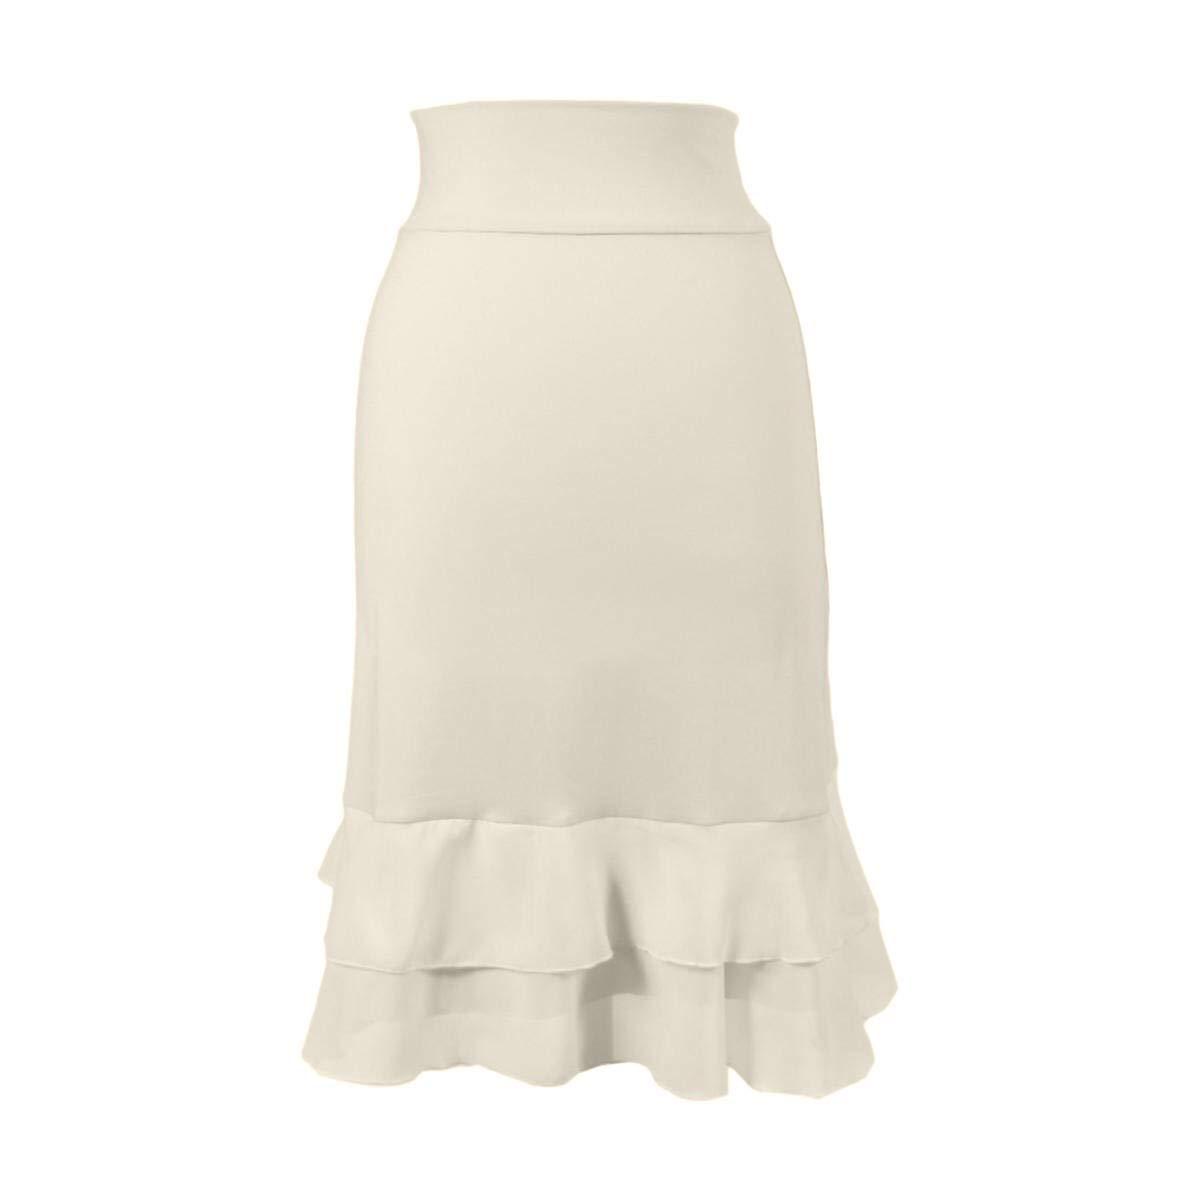 Peekaboo-Chic Iris Chiffon Half Slip Skirt Extender (Cream, s/m)